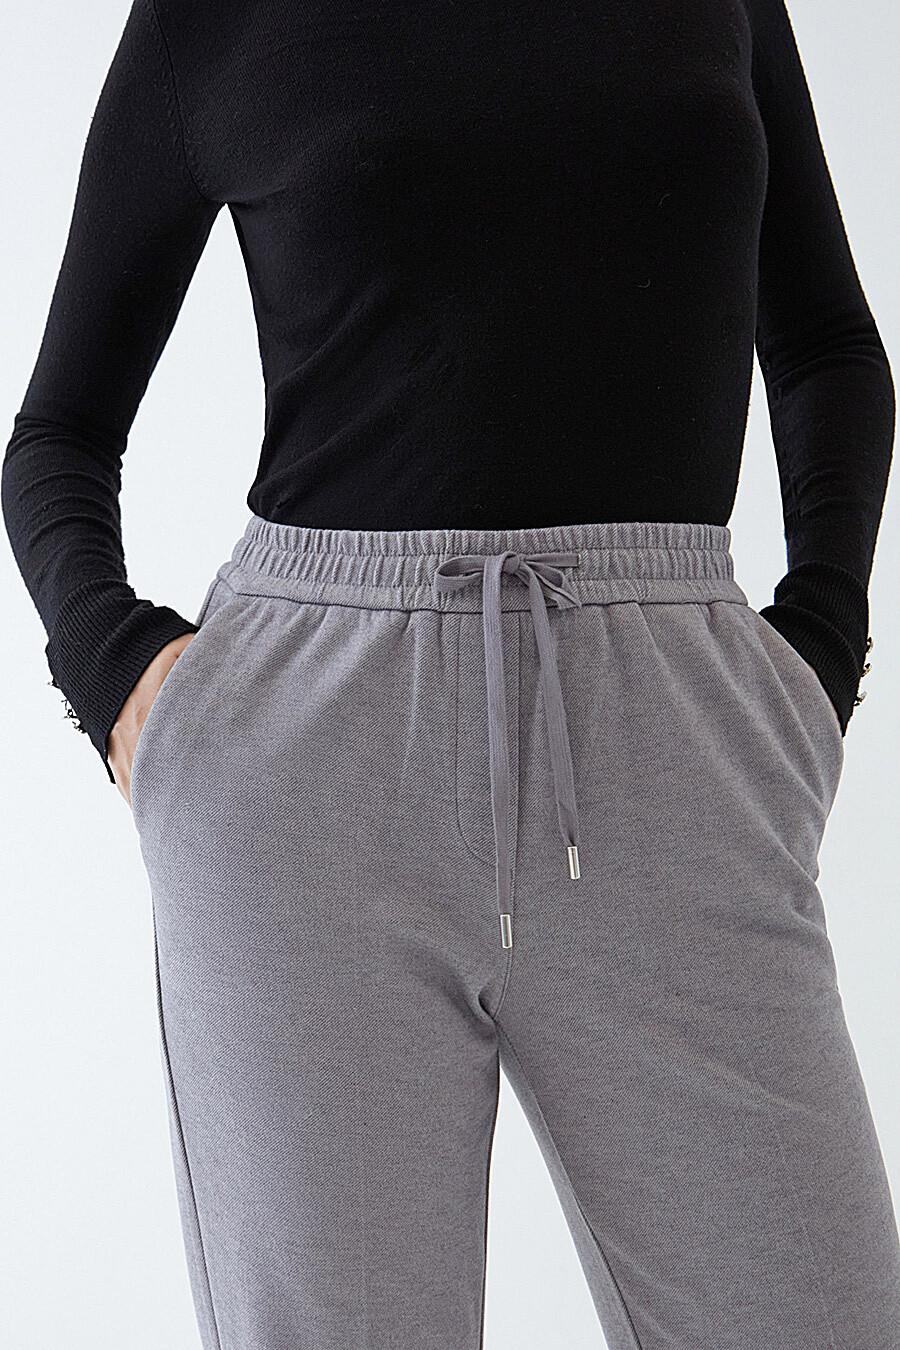 Брюки для женщин ZARINA 289512 купить оптом от производителя. Совместная покупка женской одежды в OptMoyo